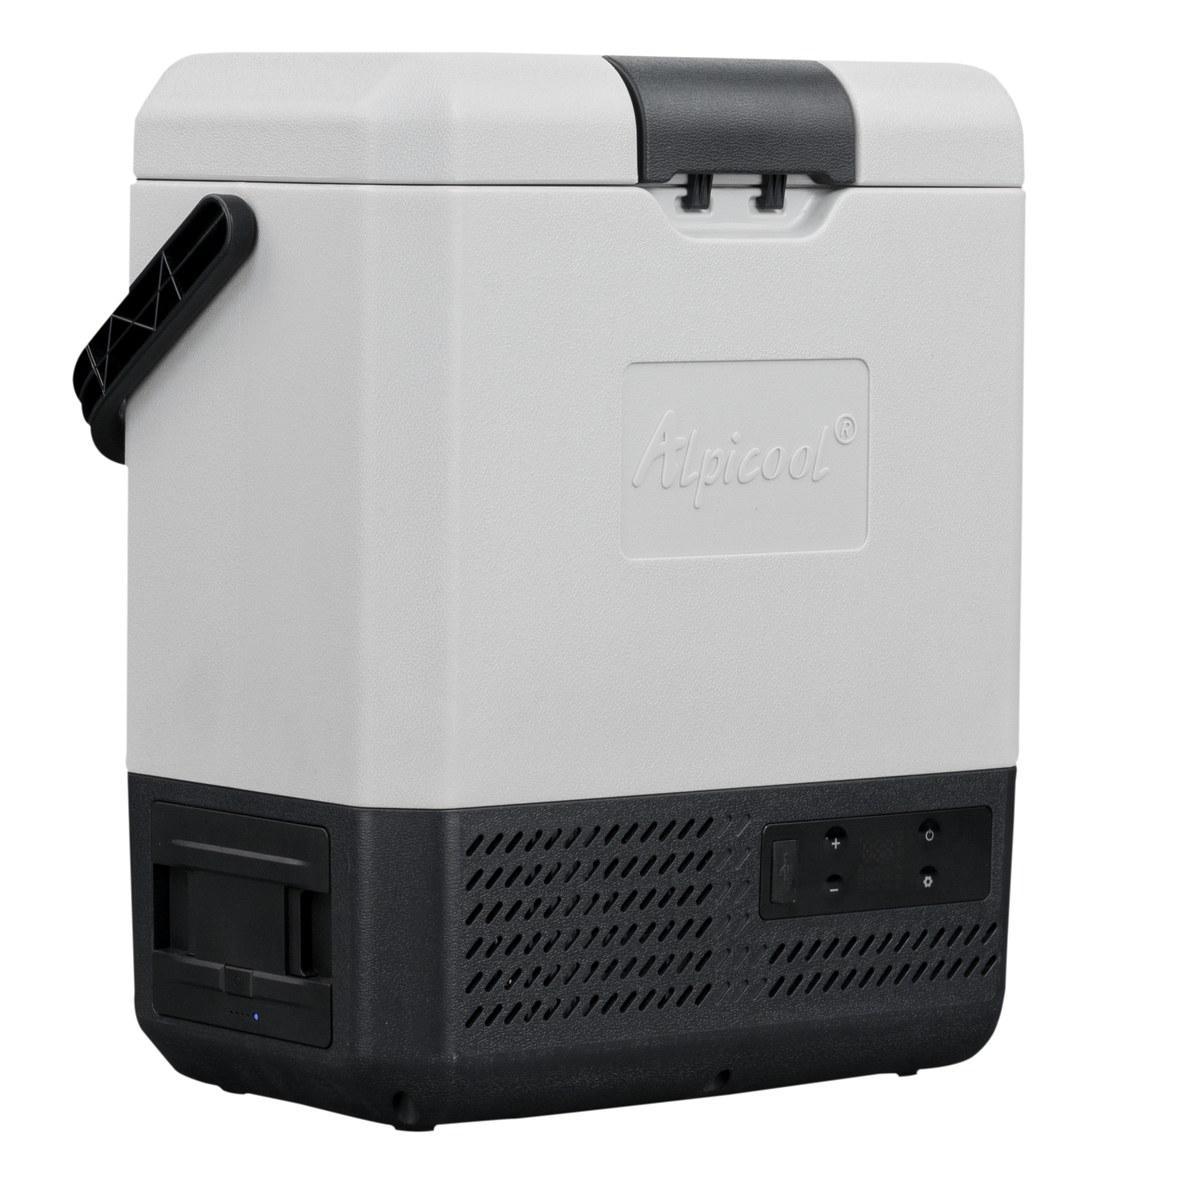 Компресорний автохолодильник Alpicool EP8 (8 літрів). До -20℃, живлення 12, 24, 220 вольт, вбудована батарея